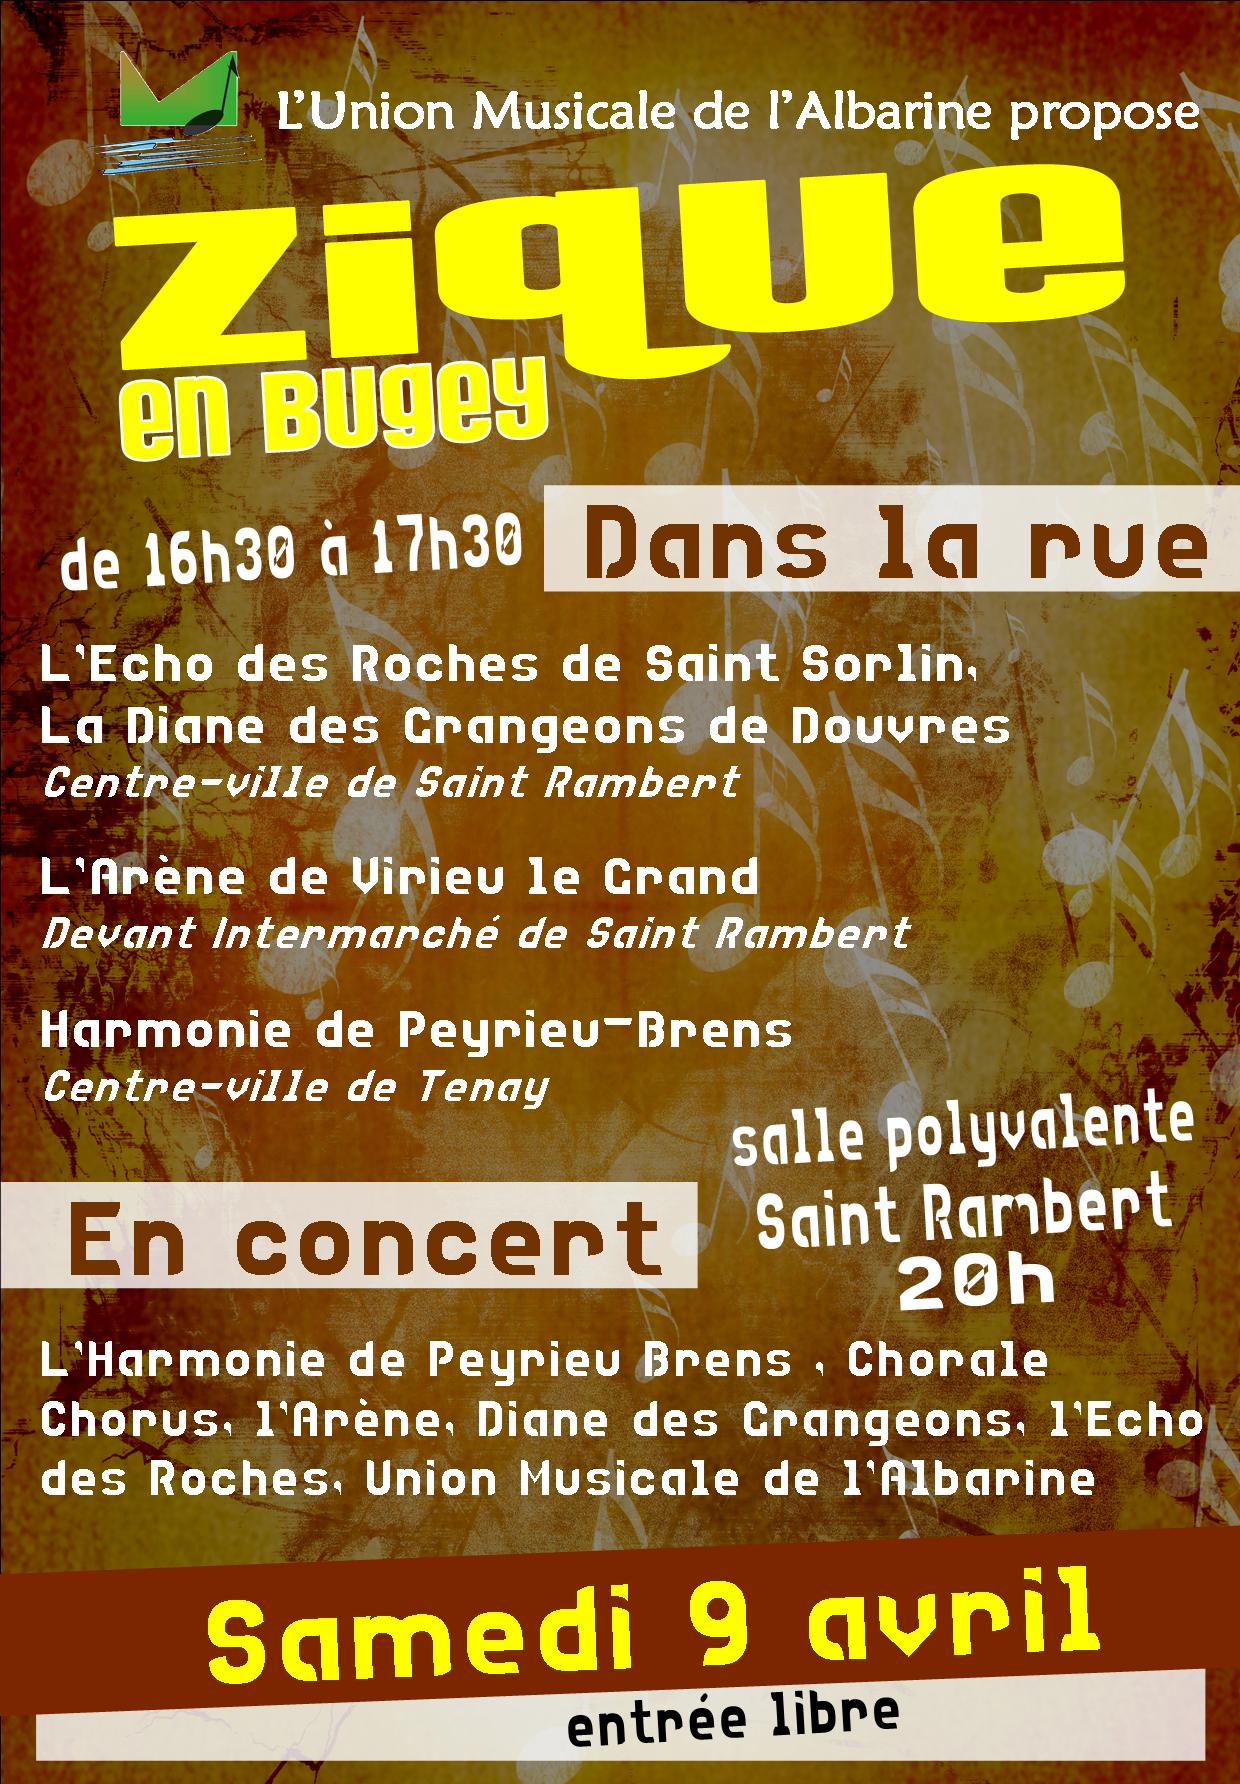 Affiche concert Zique en Bugey 9 avril 2016